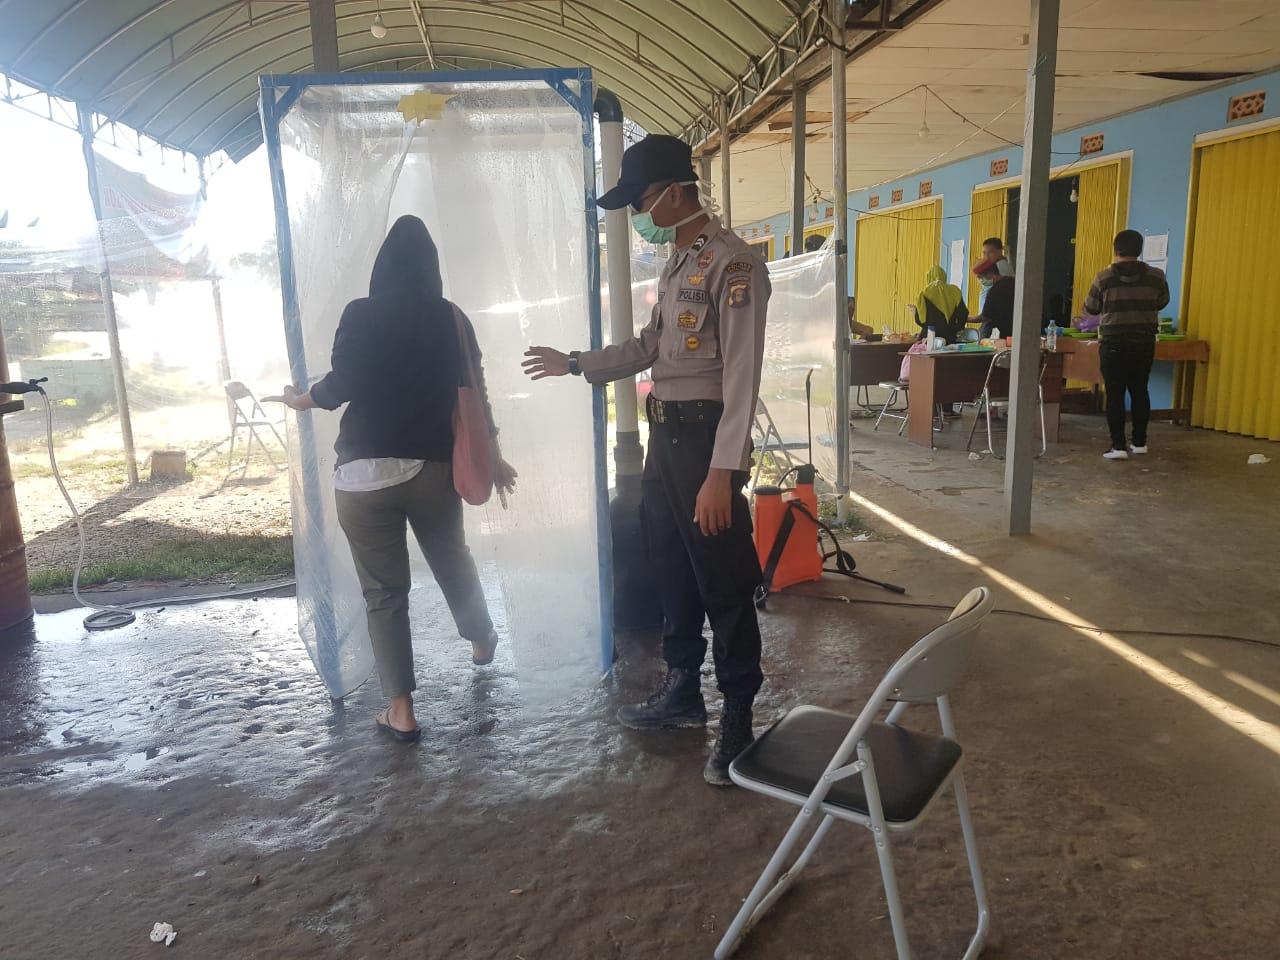 Pos Pemeriksaan Siaga di Tiap Kecamatan Cegah Virus Corona Menyebar